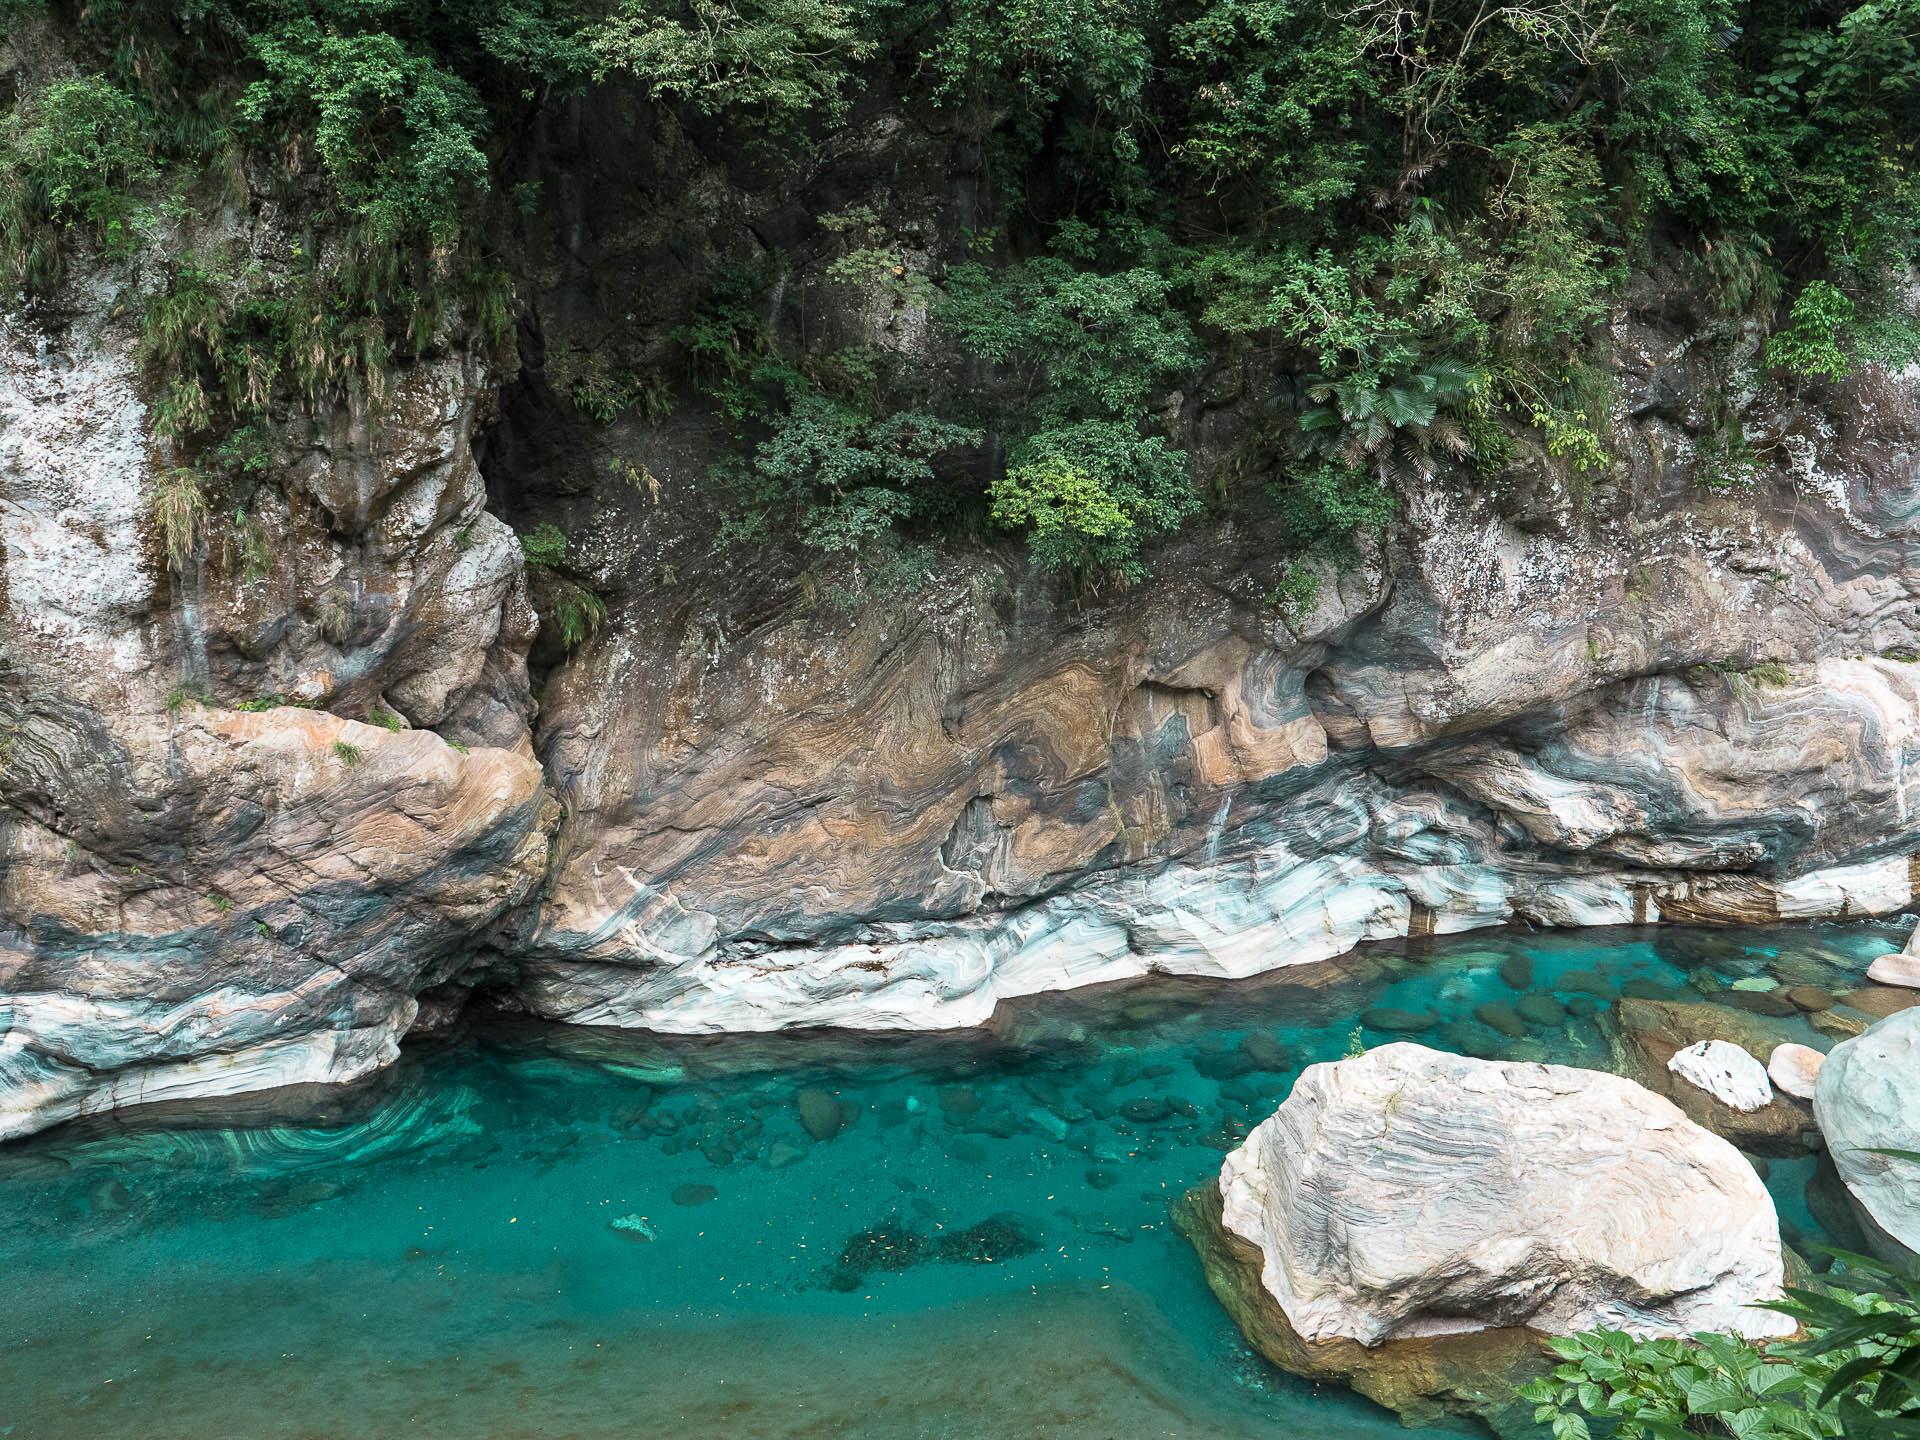 Taroko paradis - Les globe blogueurs - blog voyage nature